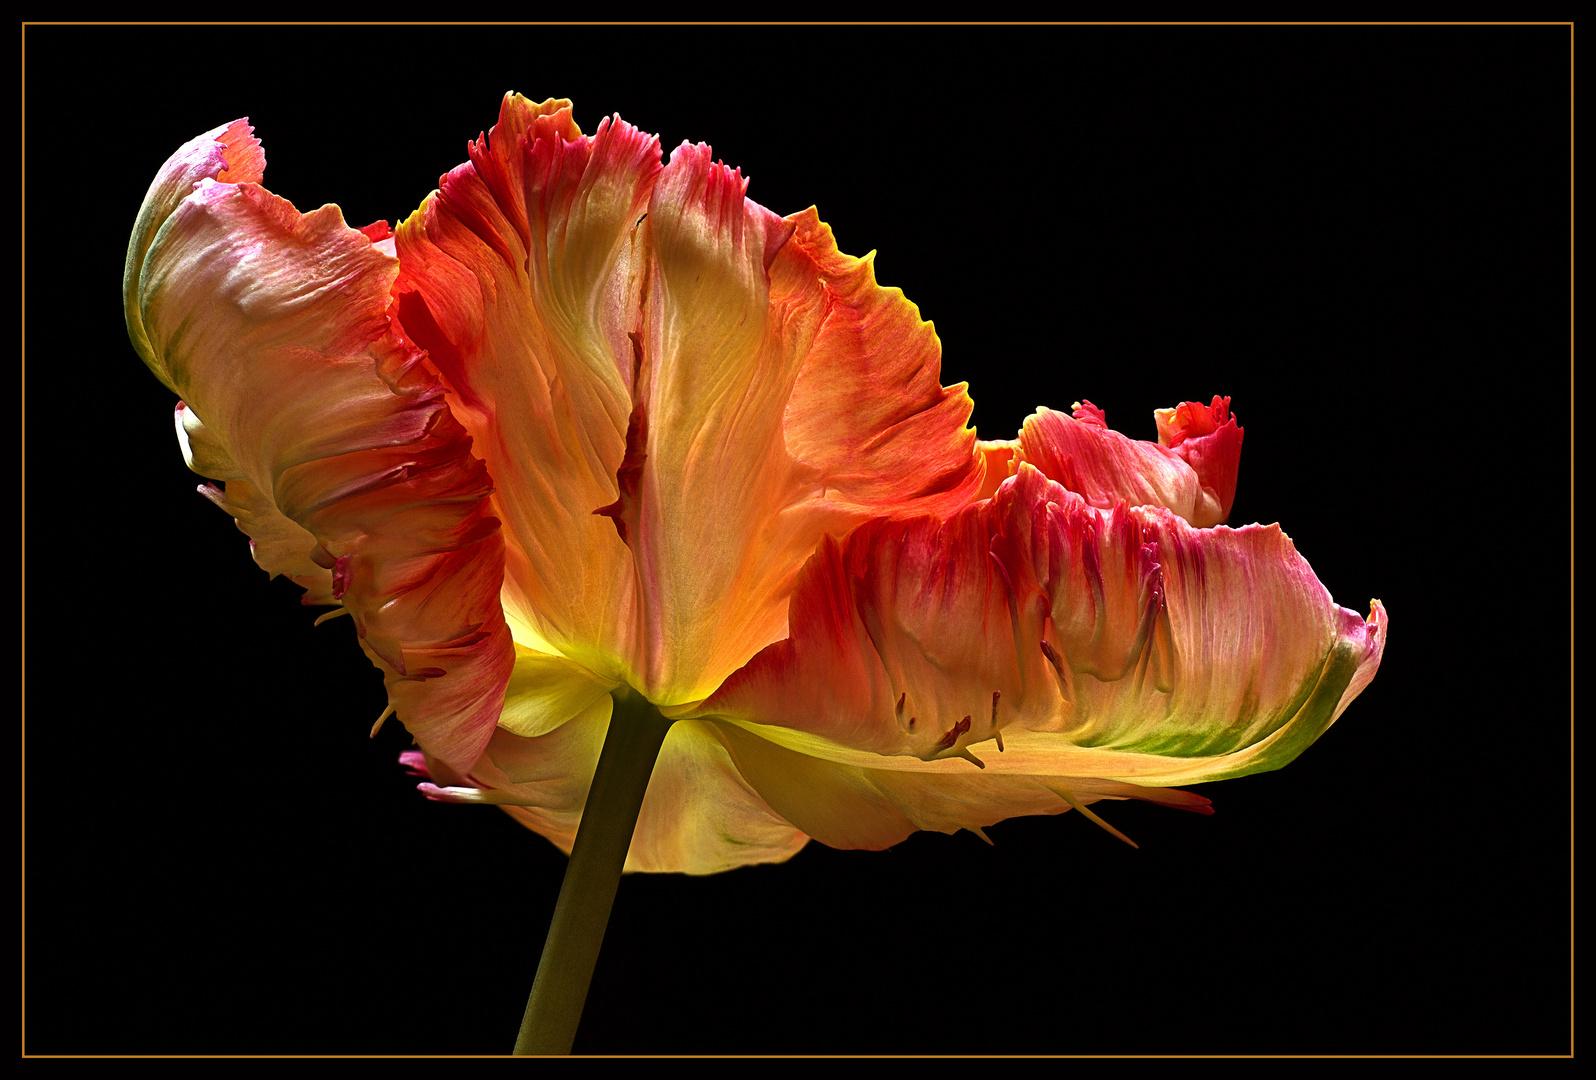 Faszination Tulpen - Foto 3 einer Trilogie